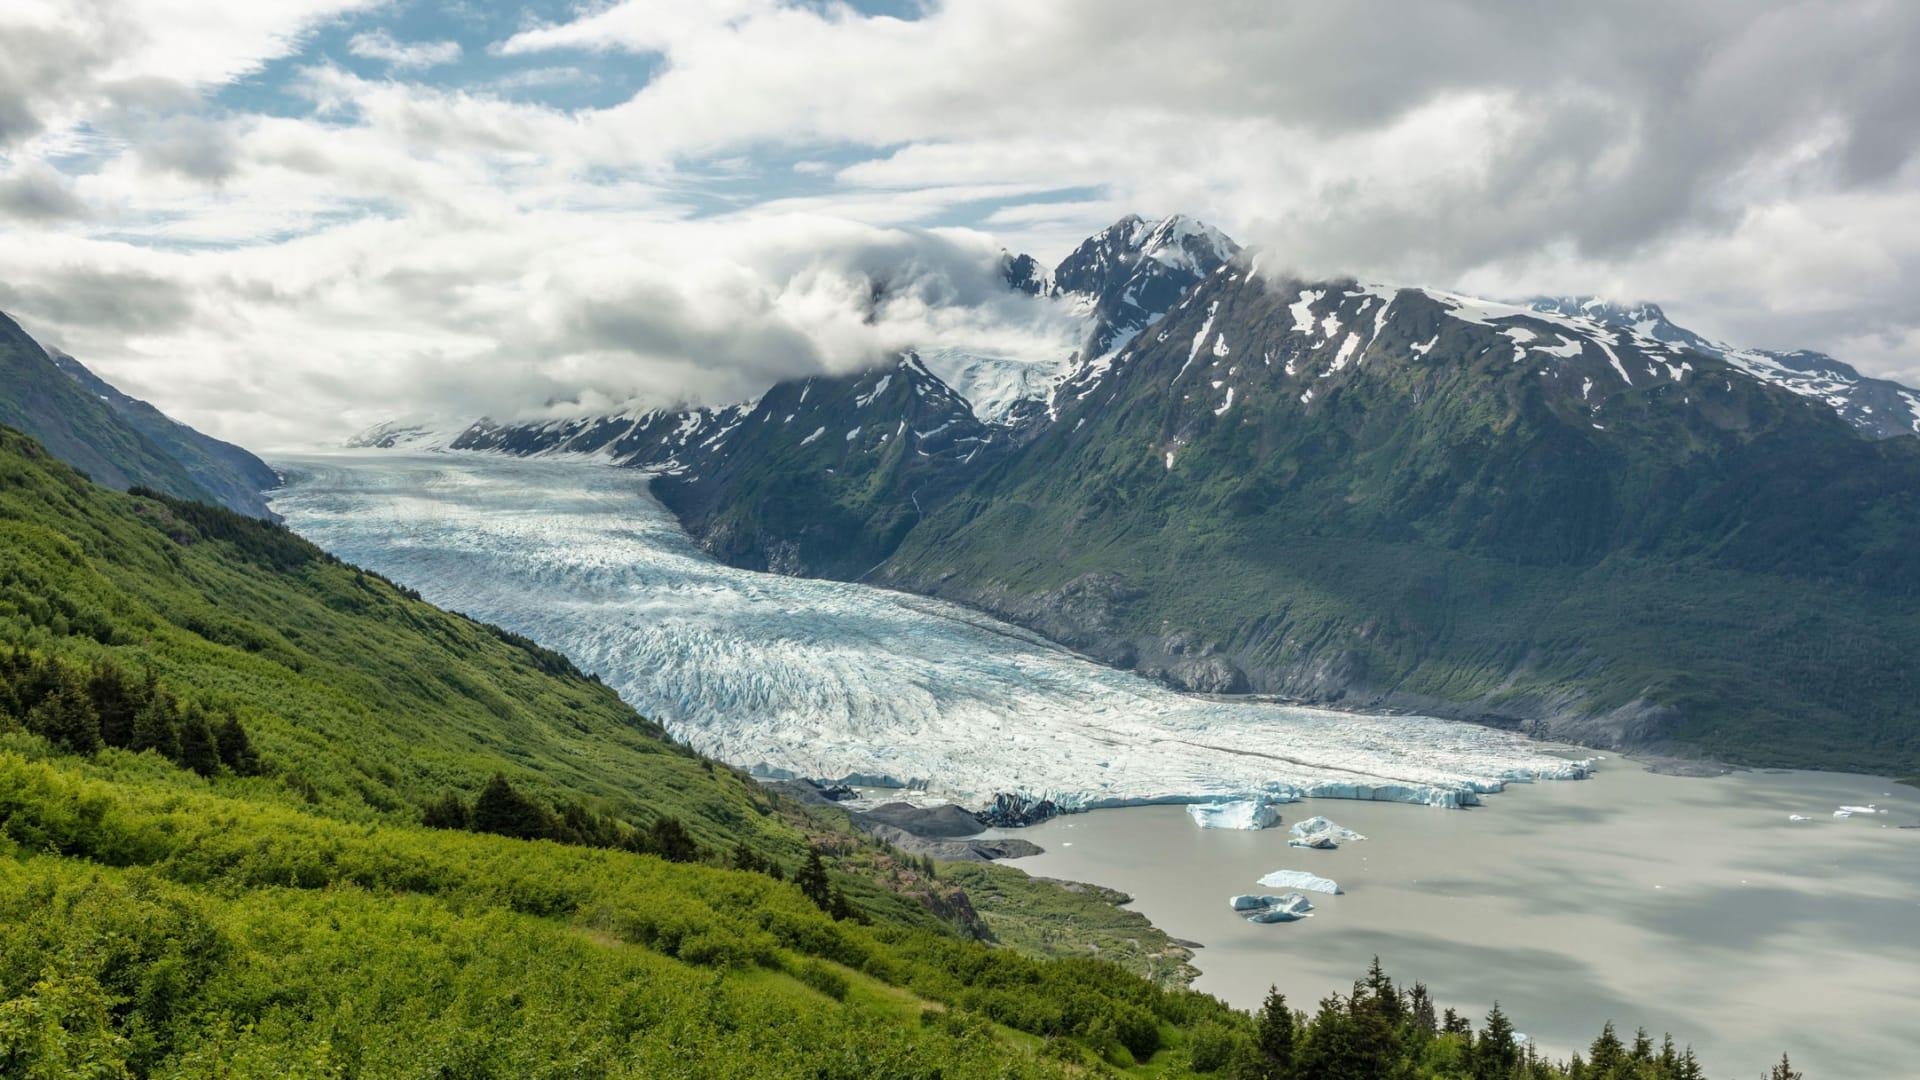 9 وجهات سفر رائعة للهرب من درجات الحرارة المرتفعة لصيف عام 2021